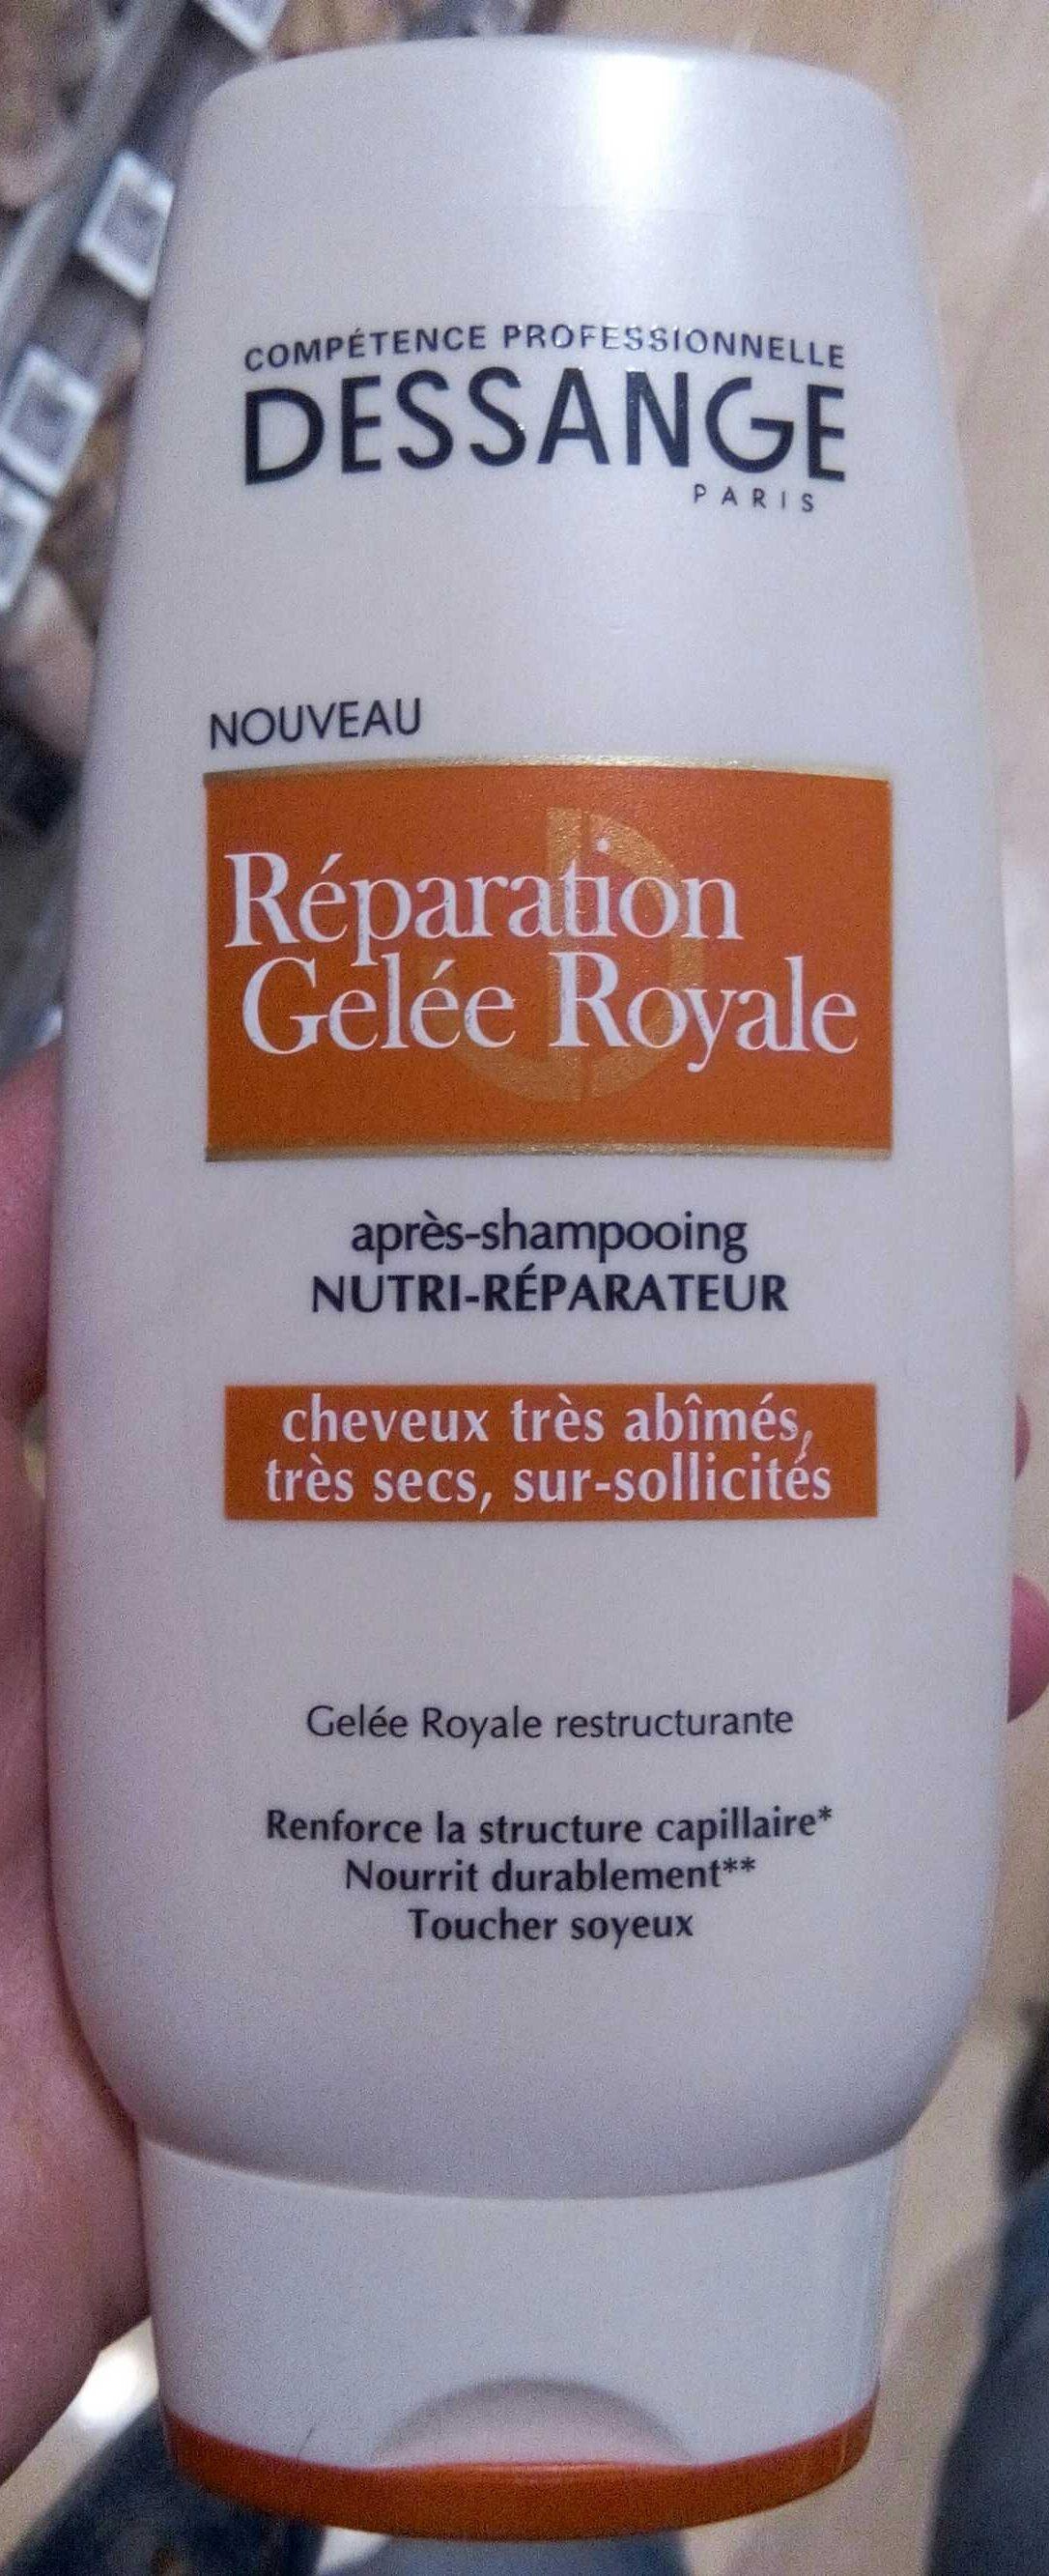 Après-shampoing nutri-réparateur - Produit - fr